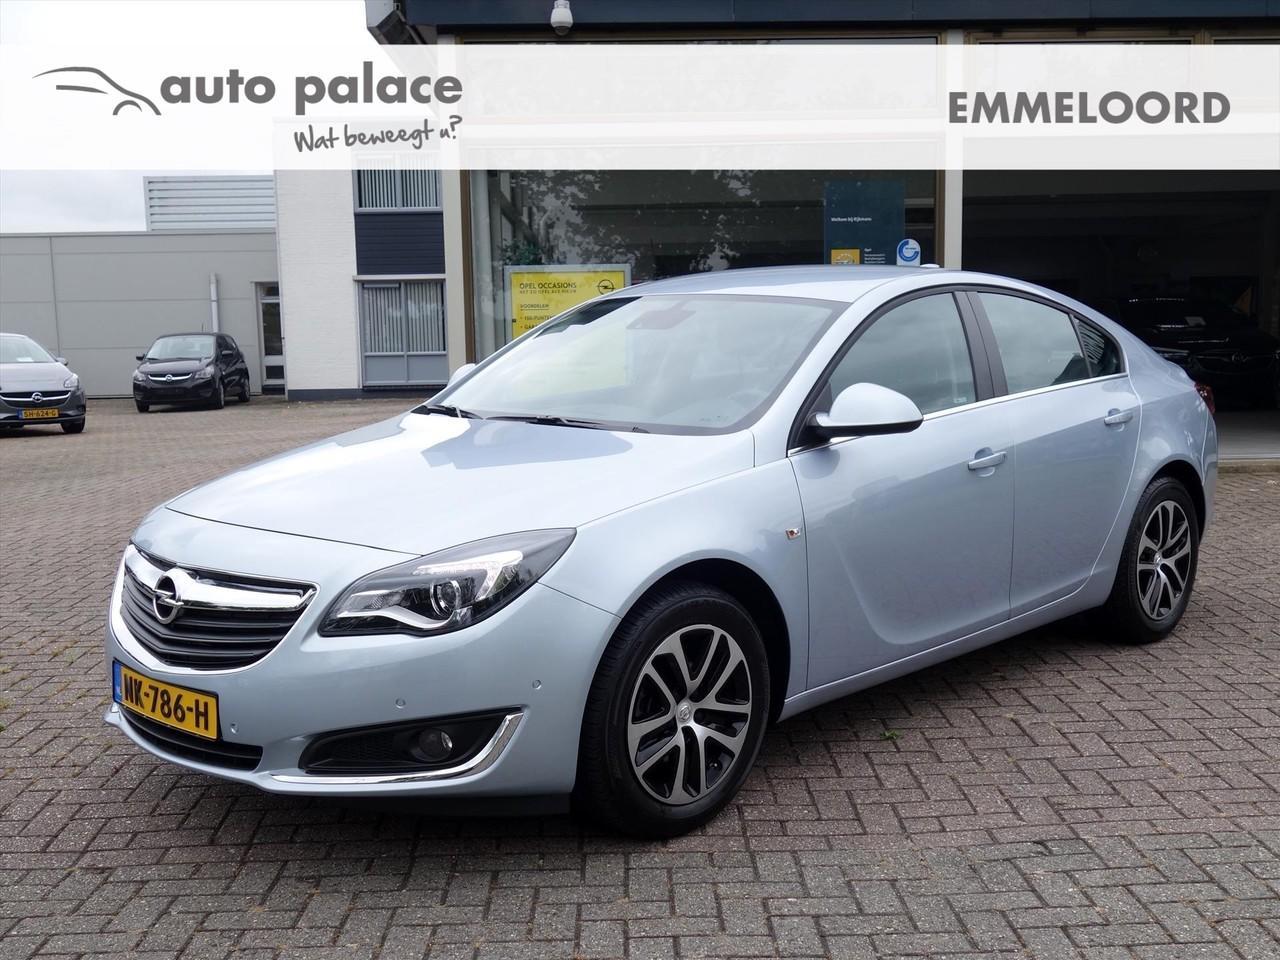 """Opel Insignia 1.6 turbo 170pk 5-drs edition navigatie """"onstar"""" camera"""